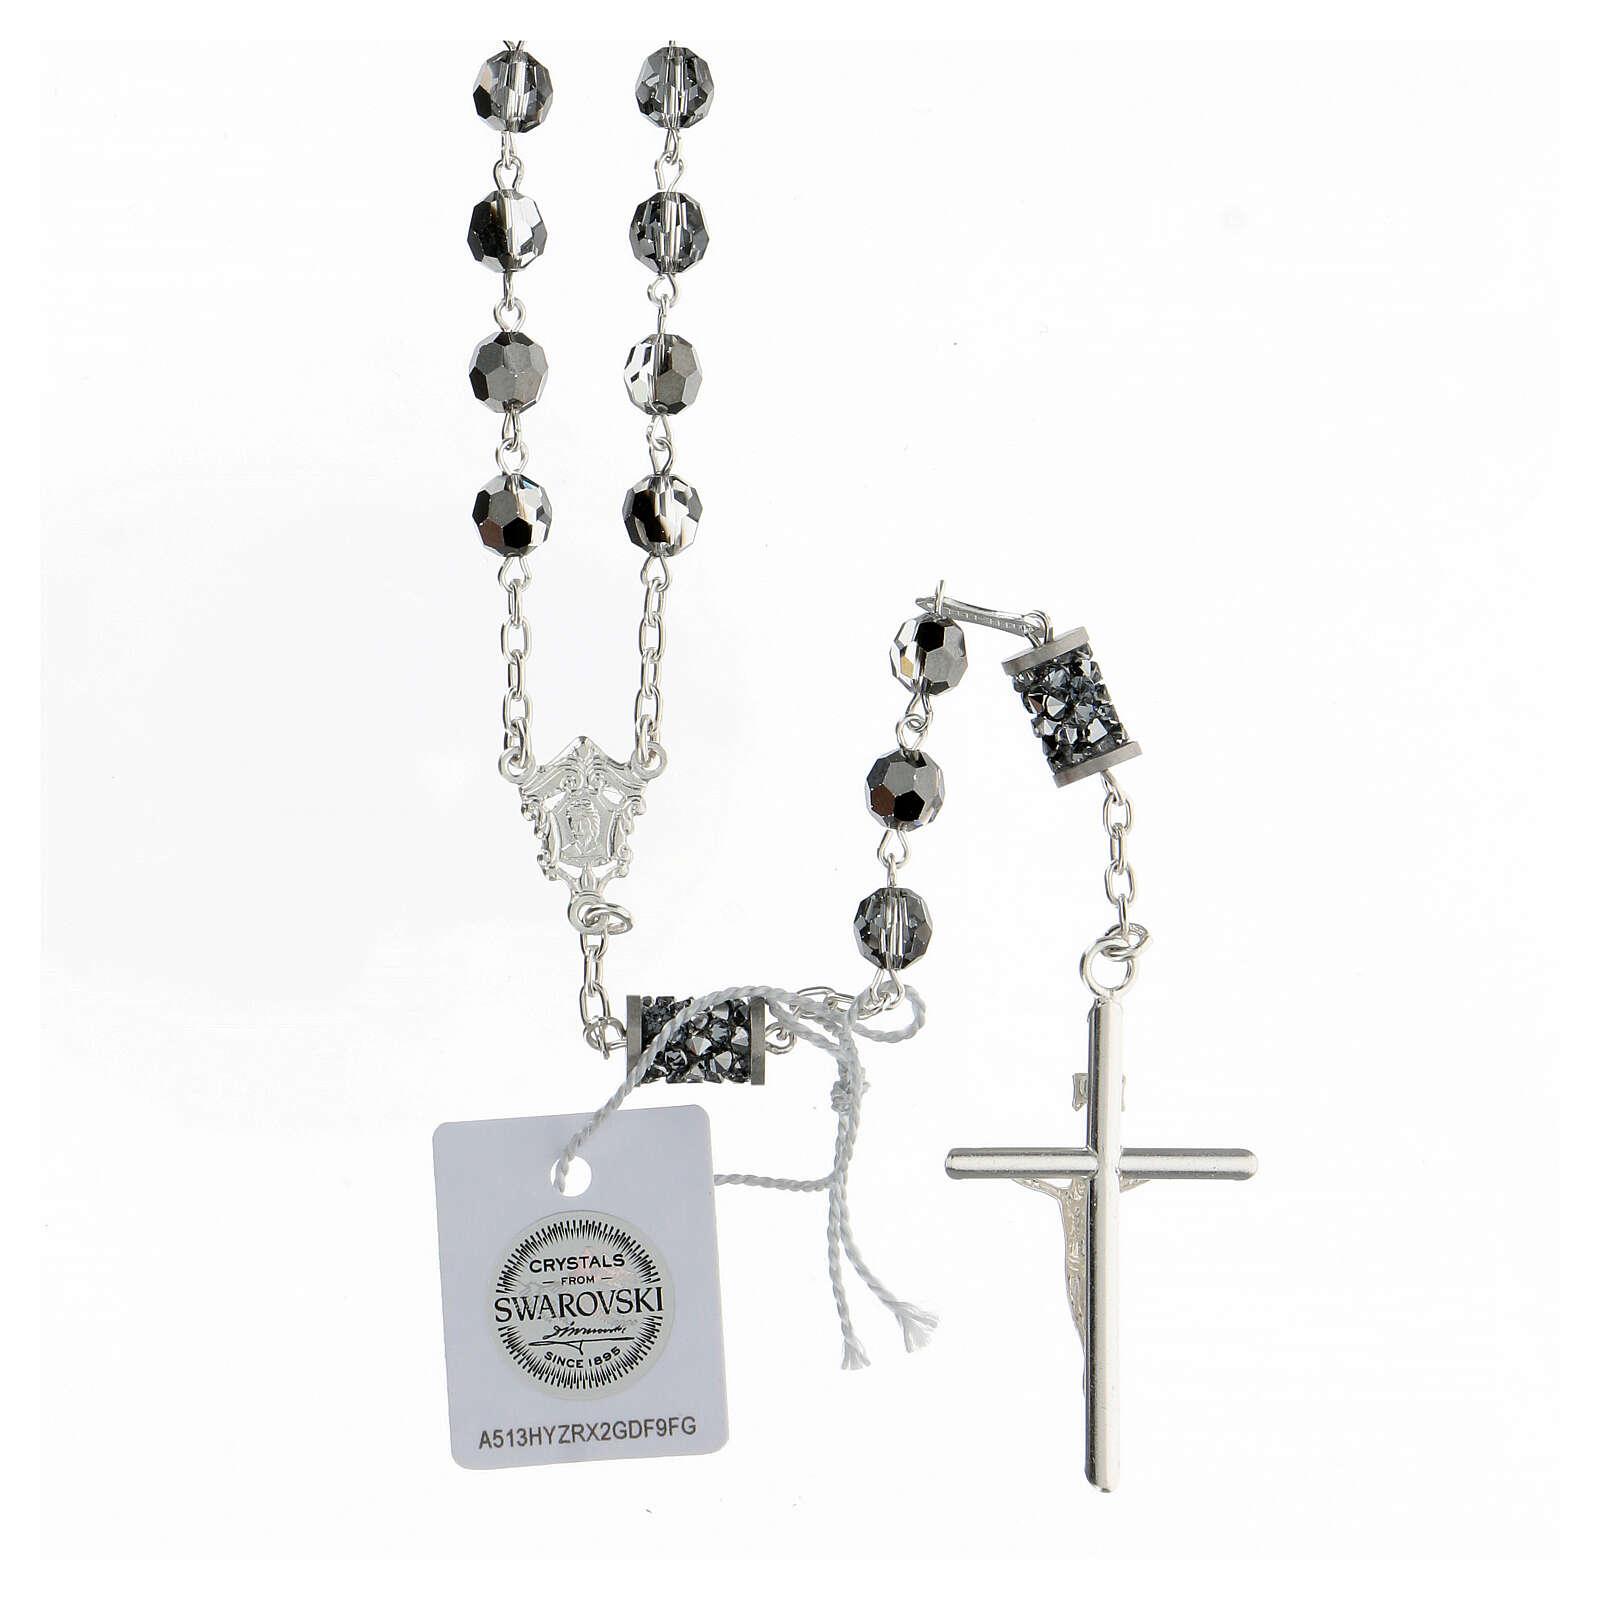 Chapelet Swarovski gris pater cylindriques argent 925 croix tubulaire 4